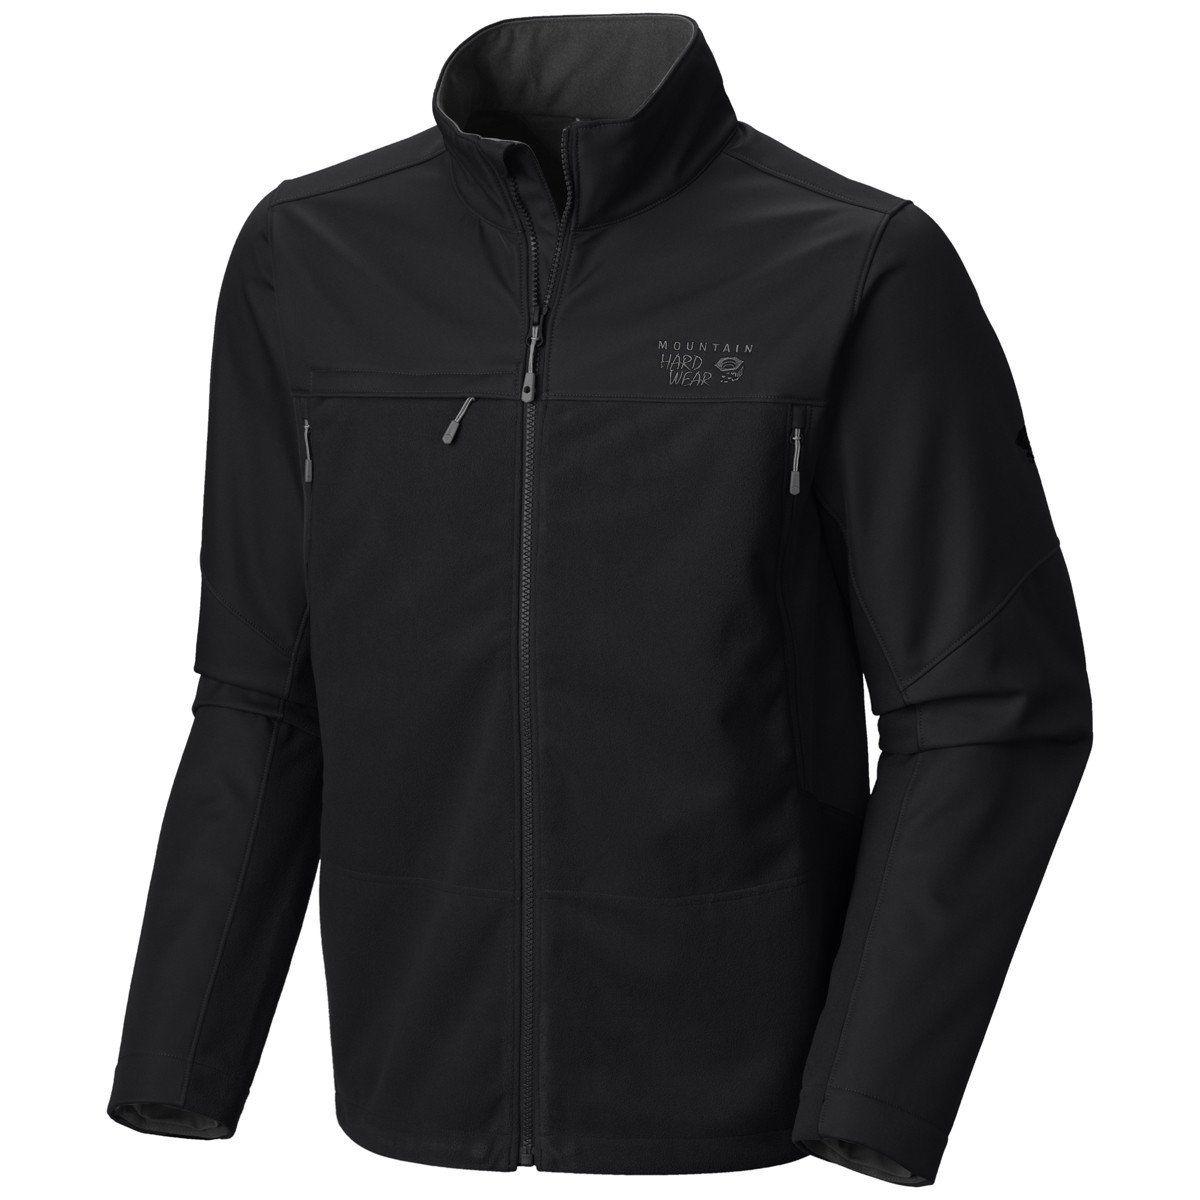 Mountain Hardwear Men's Black Mountain Tech II Jacket